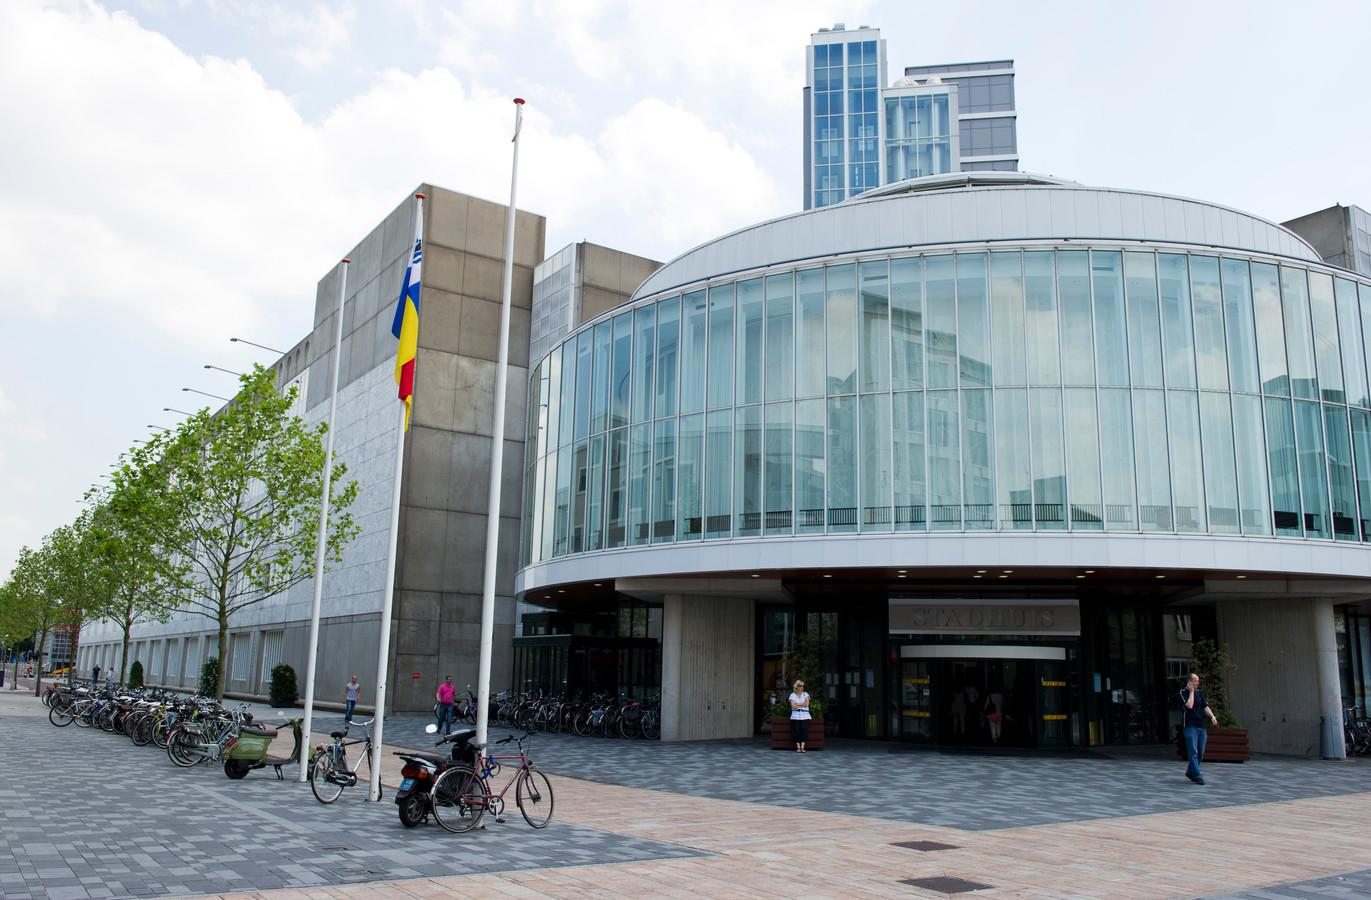 Stadhuis van Almere